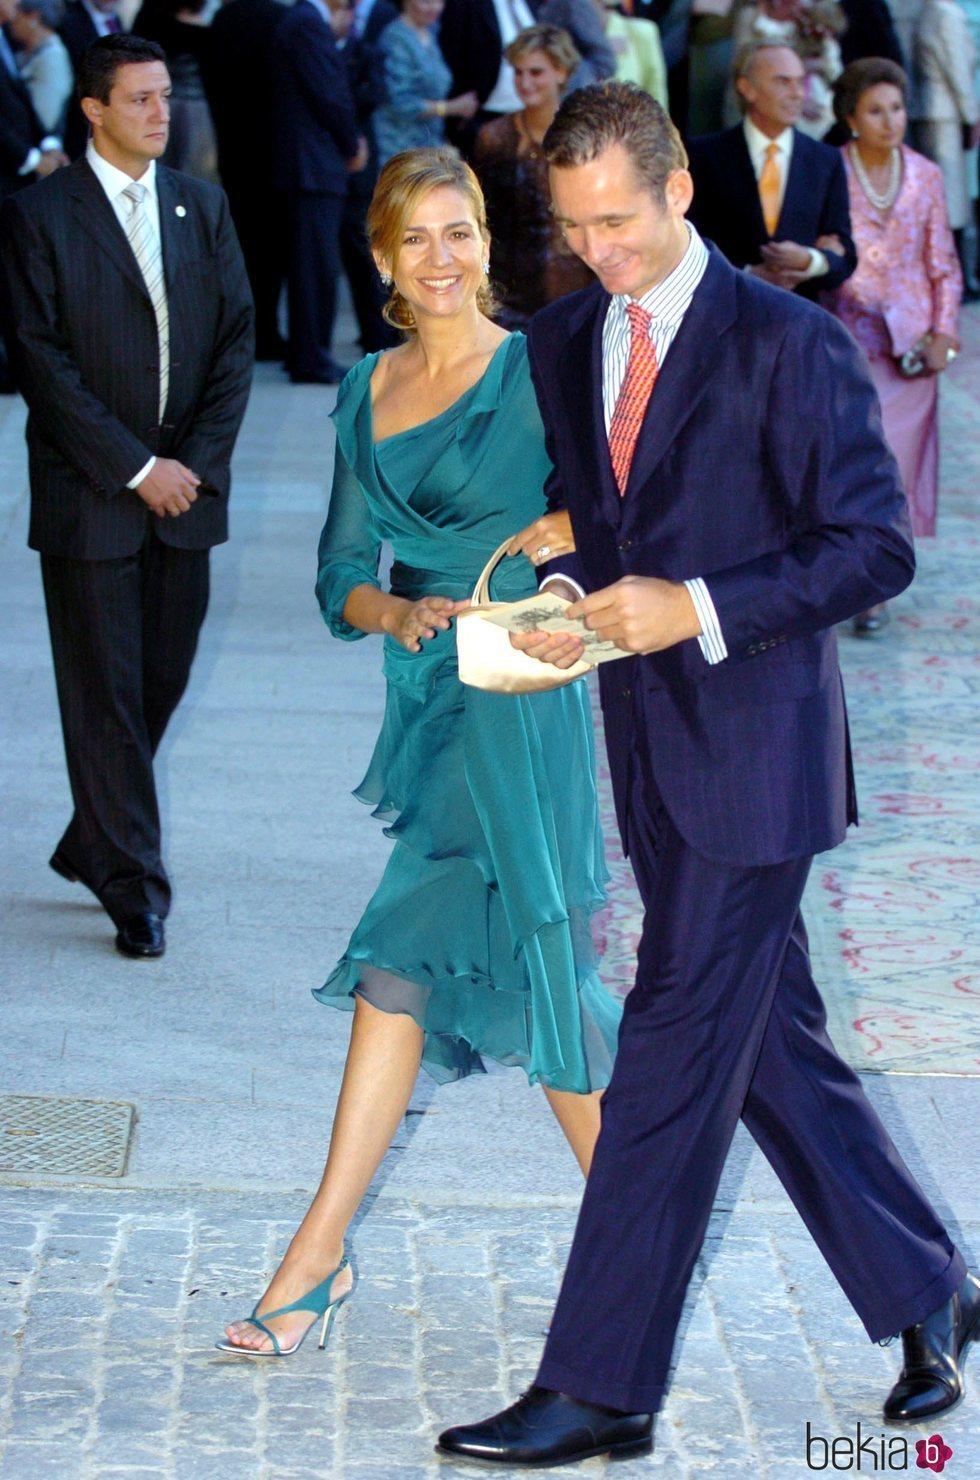 La Infanta Cristina e Iñaki Urdangarin en la boda de Beltrán Gómez-Acebo y Laura Ponte